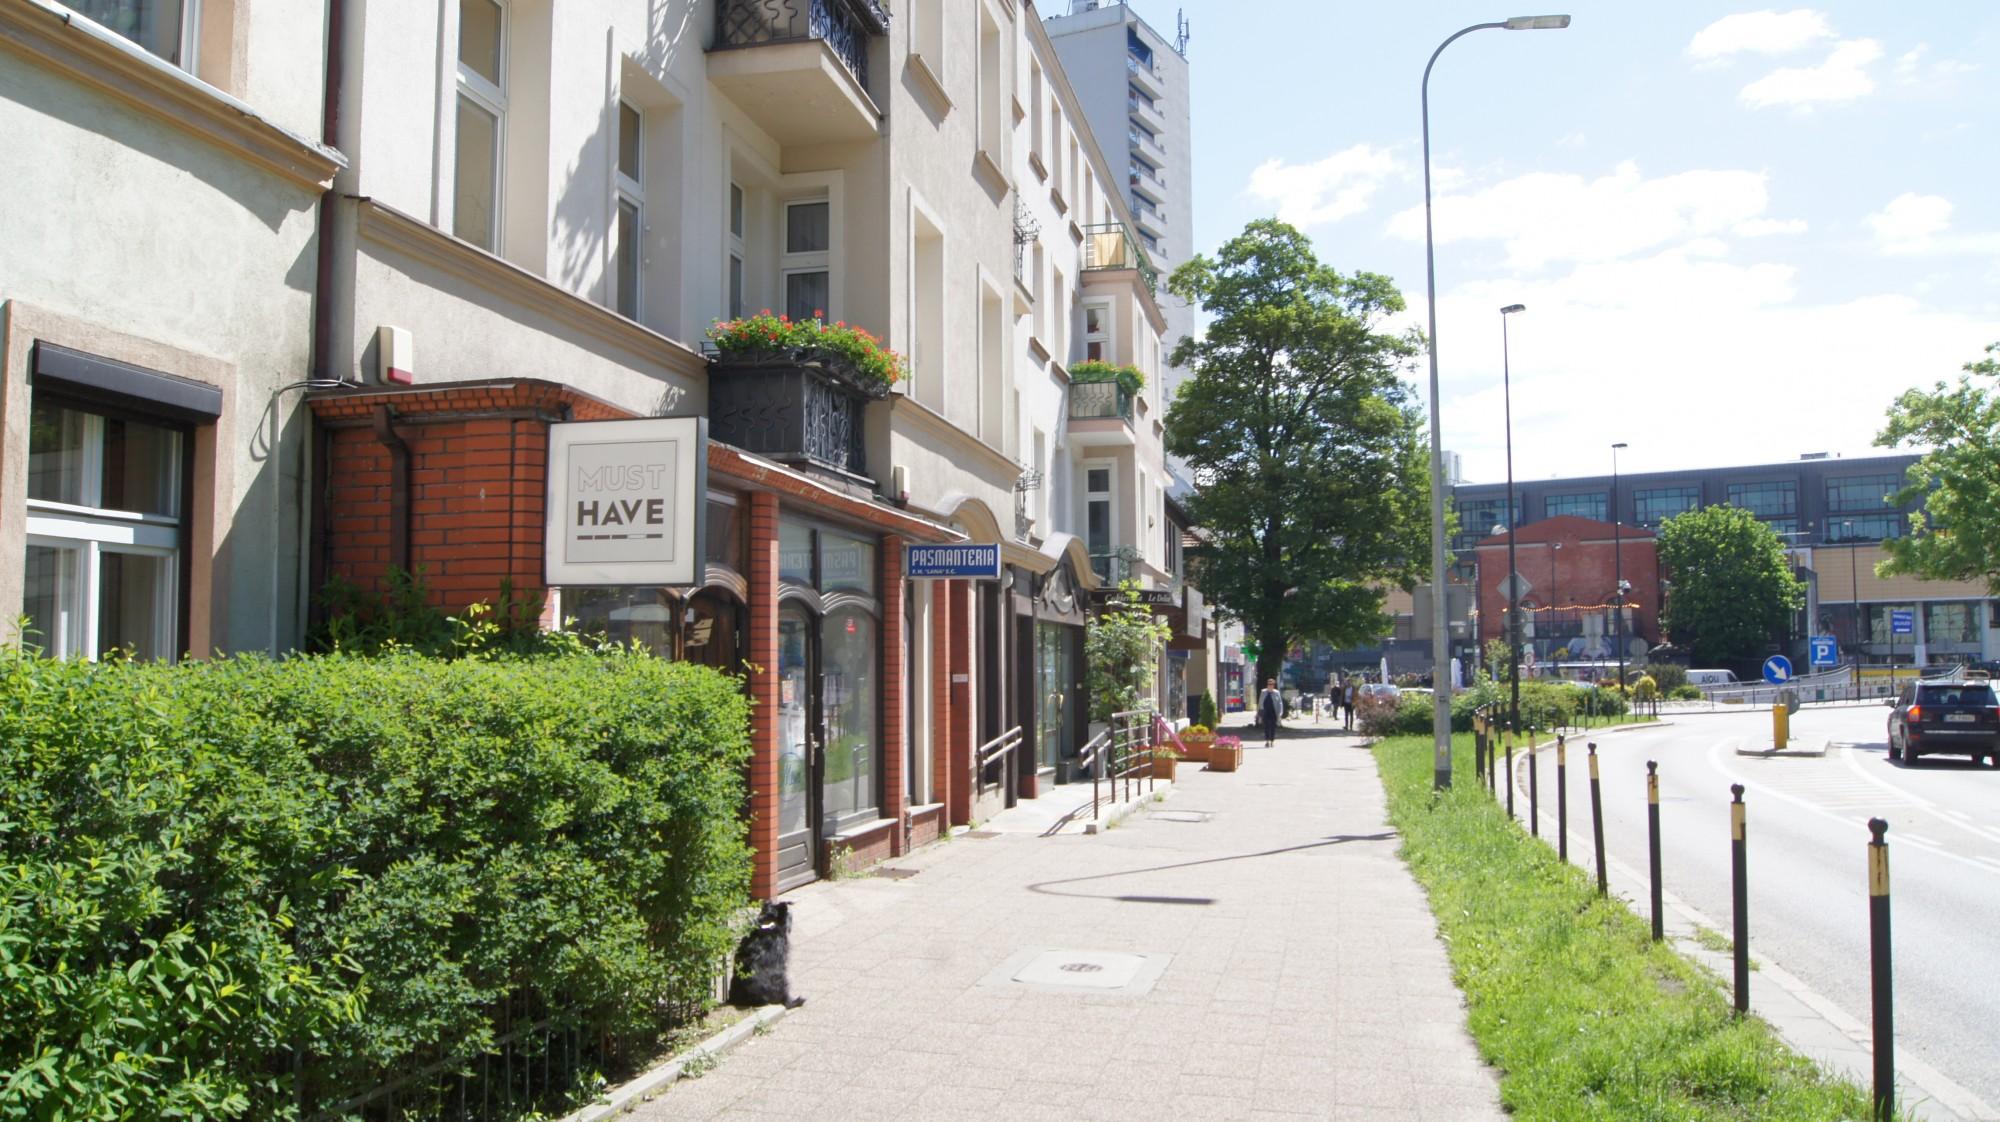 Lokal handlowo-usługowy w Centrum Wrzeszcza